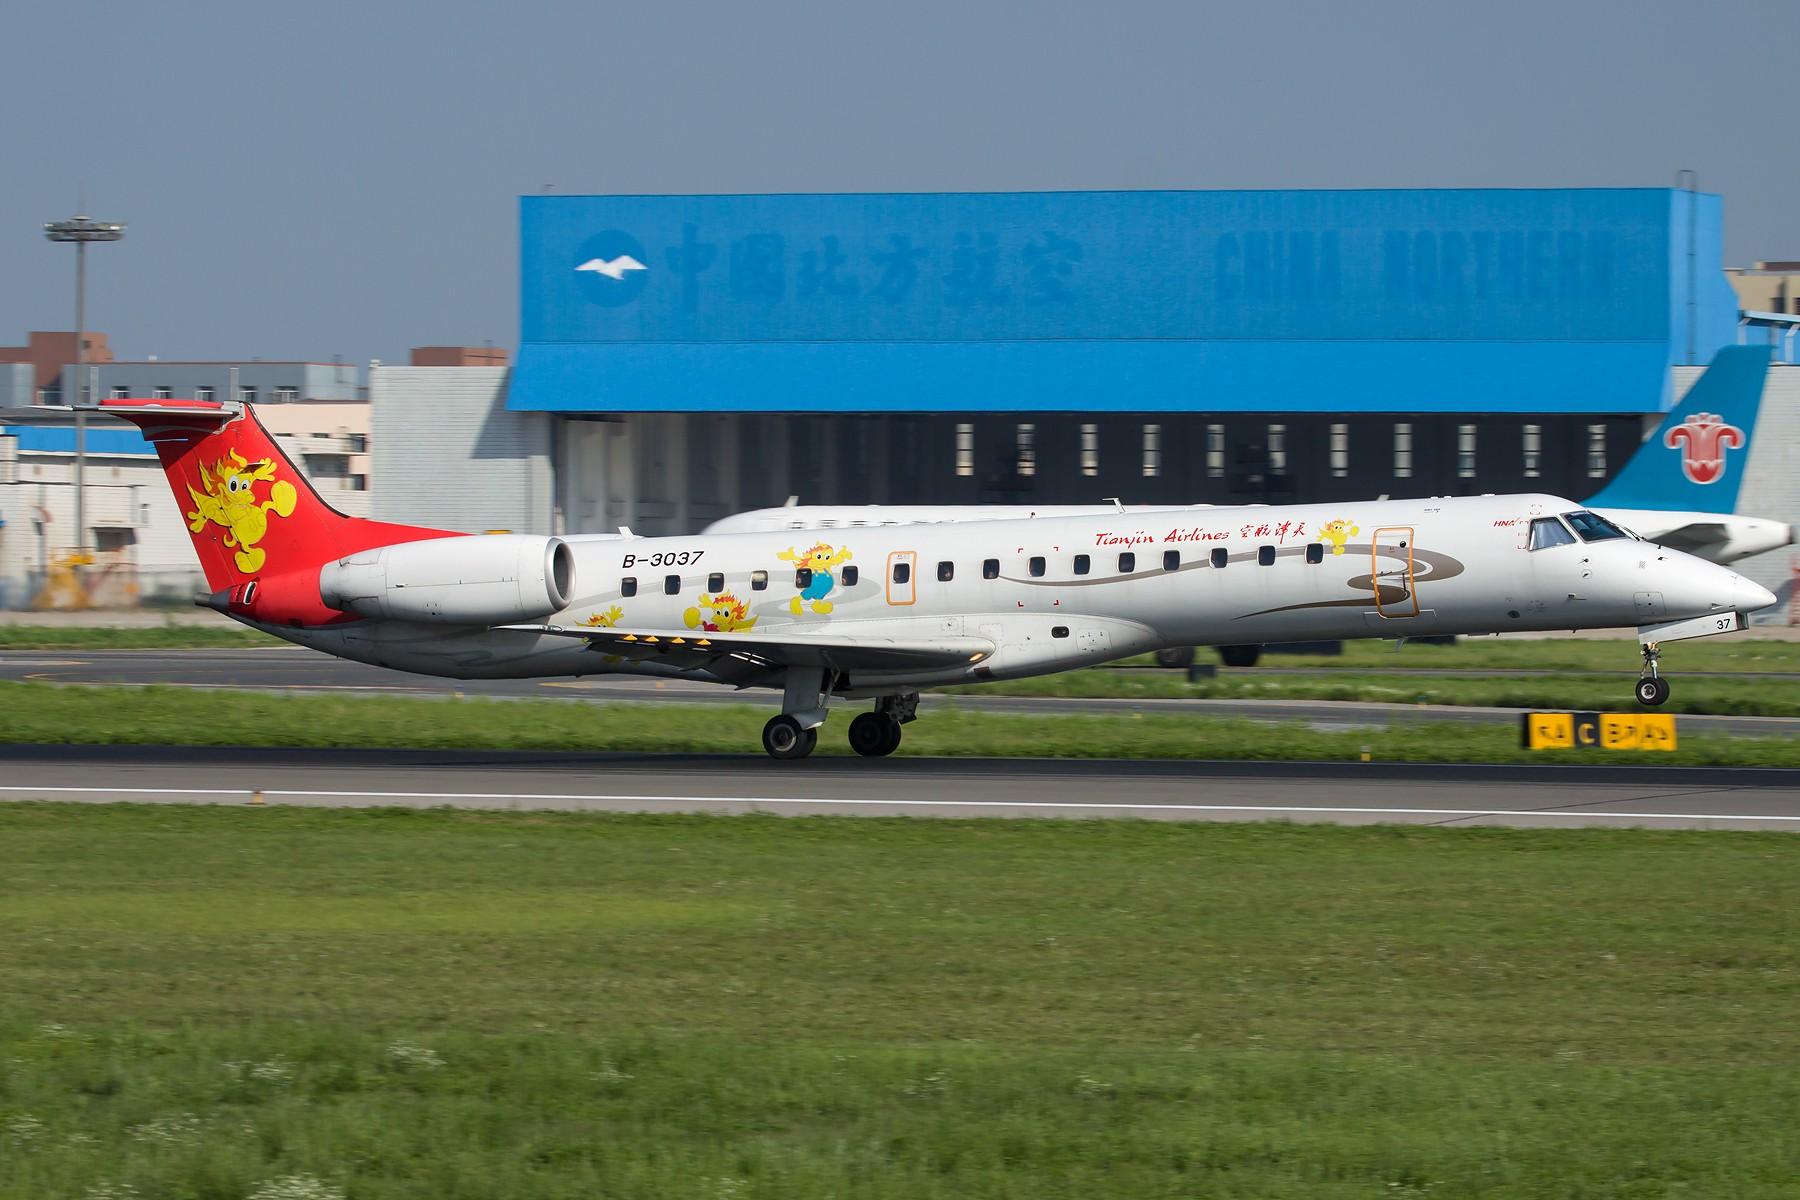 Re:[原创]3036 & 3037 1800*1200 EMBRAER ERJ-145 B-3037 中国沈阳桃仙国际机场